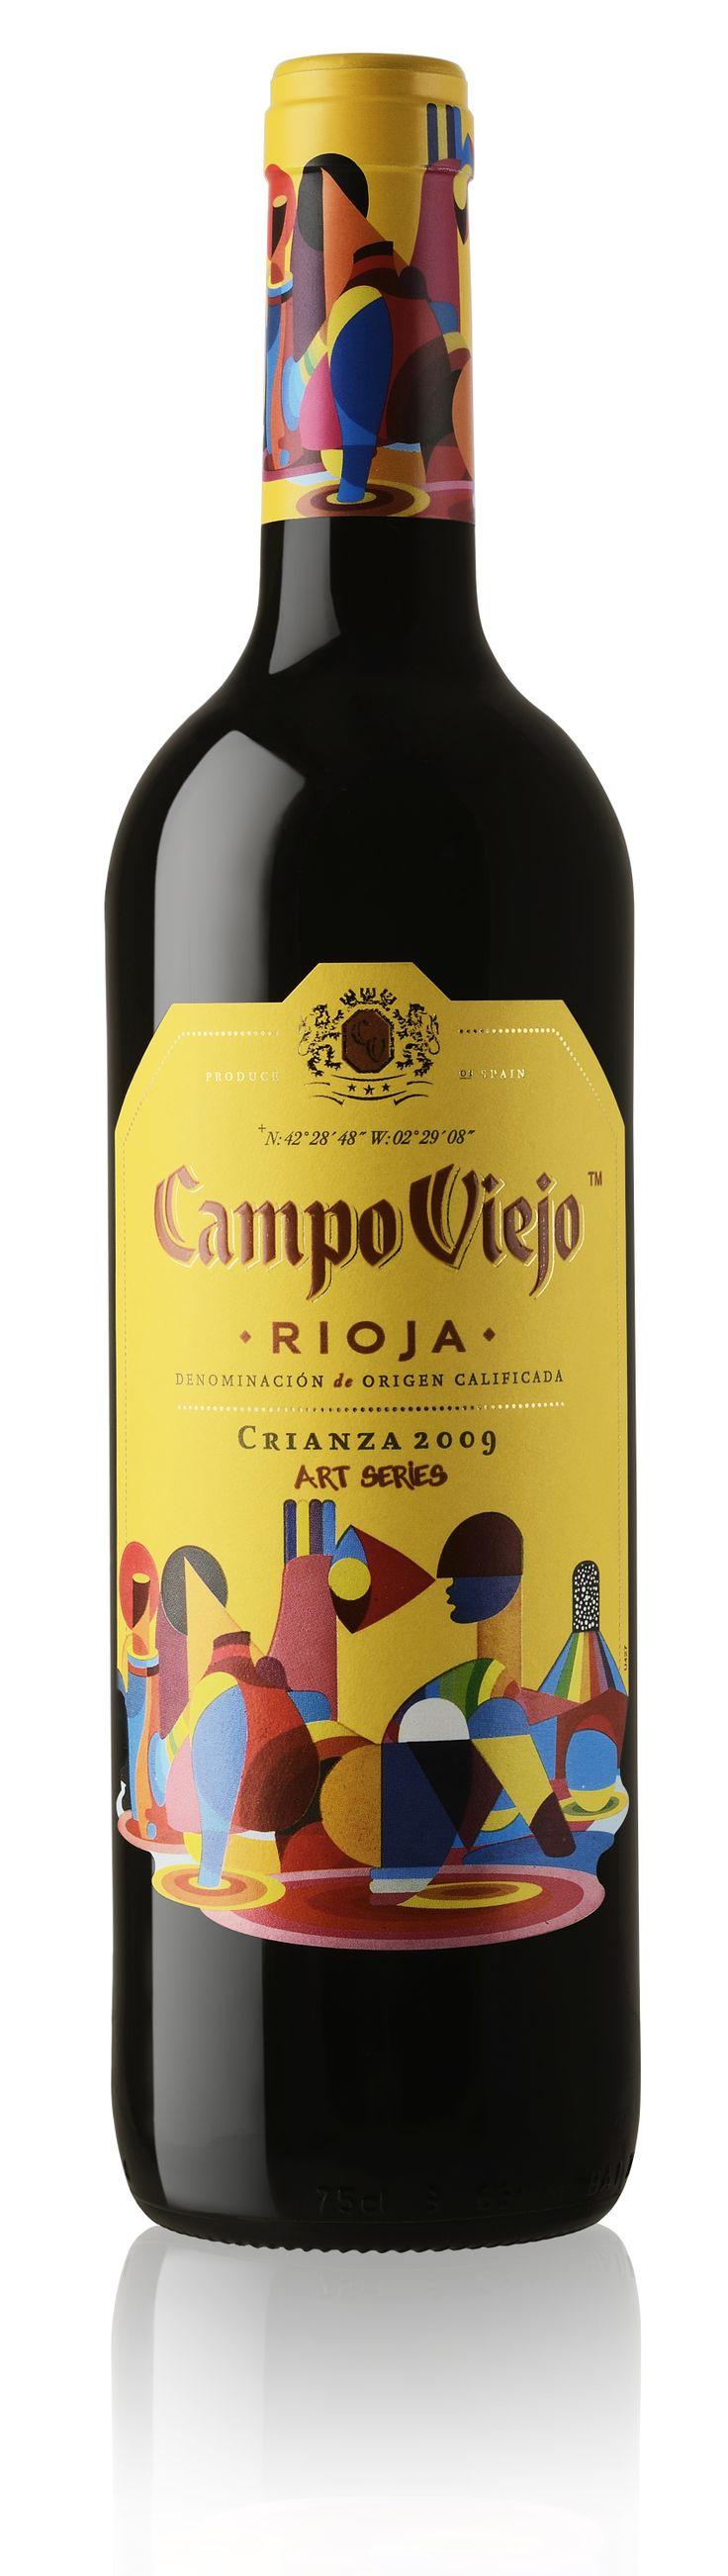 Campo Viejo Crianza 2009 Art Series. PD